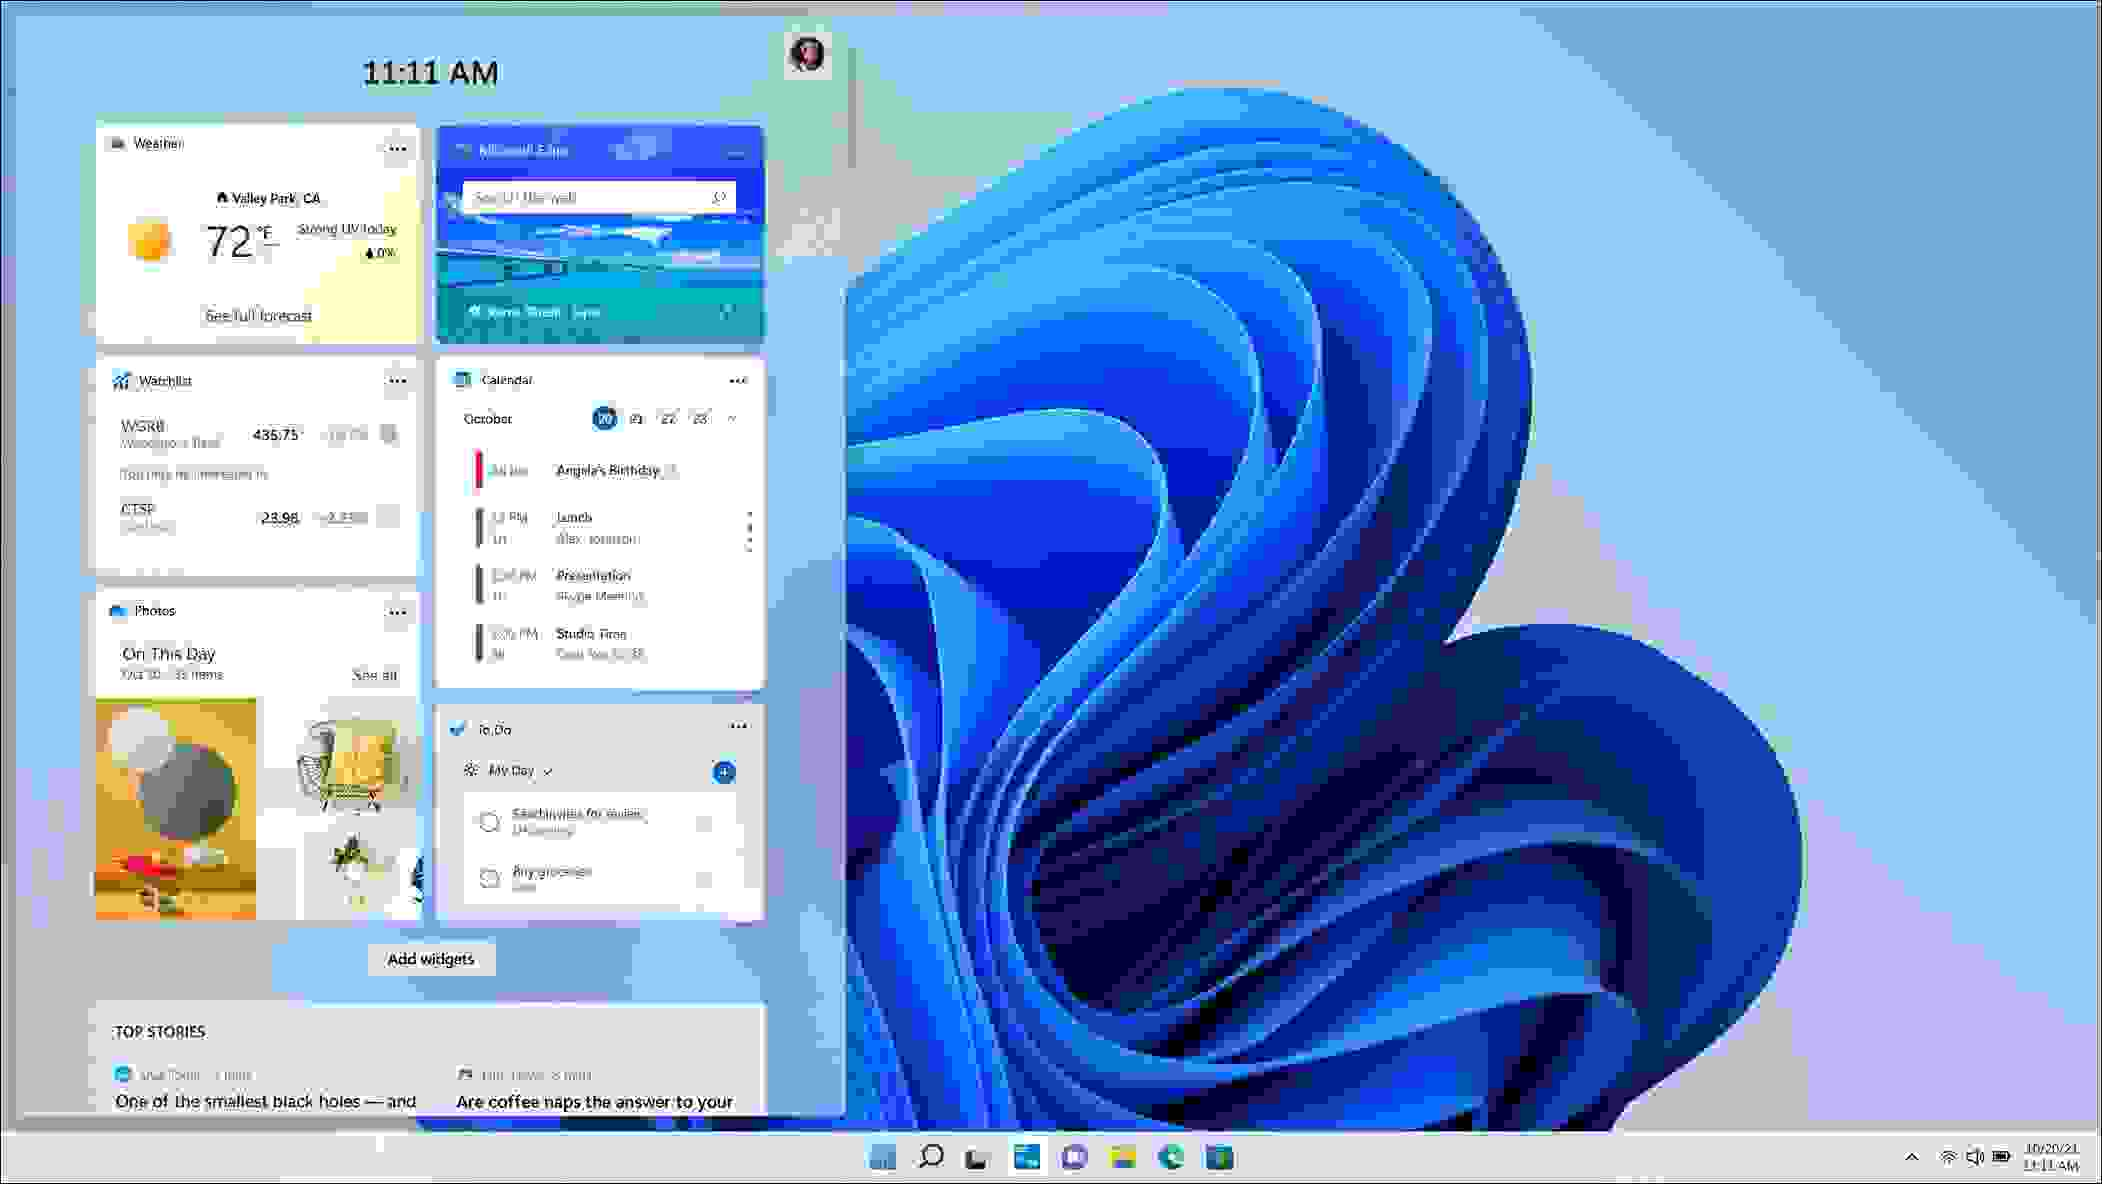 عناصر التحكم أو التطبيقات المصغرة (Widgets) تعود مجدداً إلى ويندوز 11 (Windows 11) - مصدر الصورة مايكروسوفت